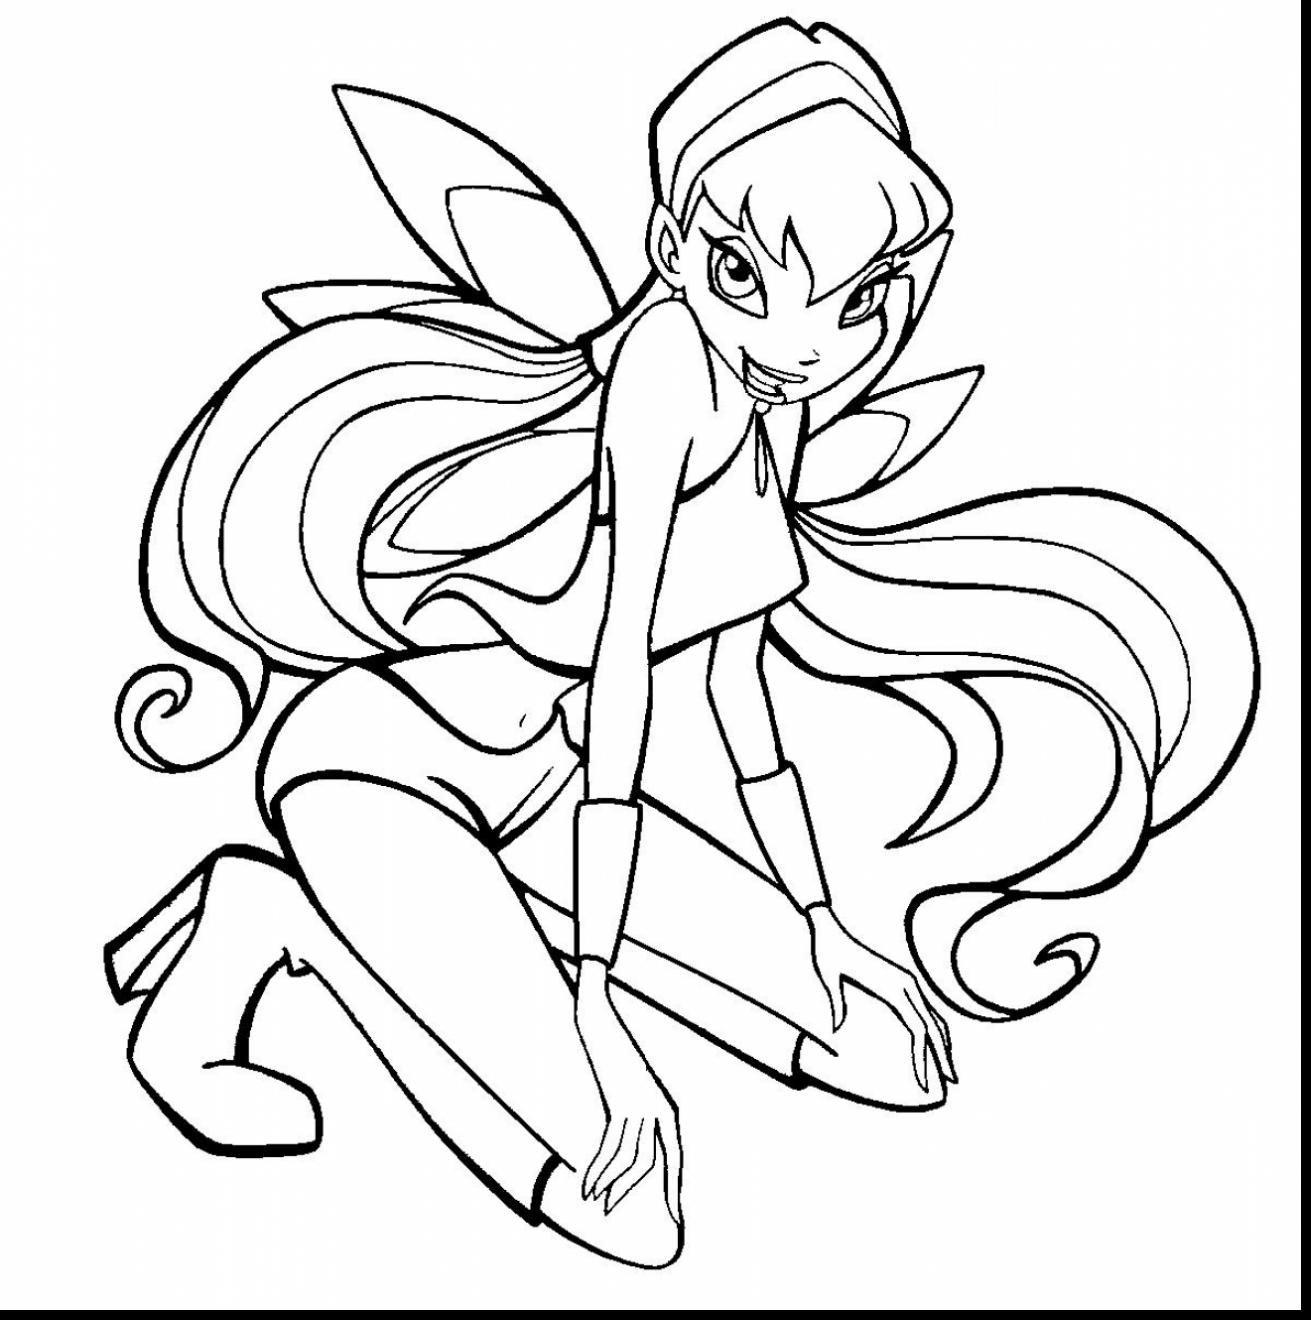 Tranh Tô Màu Công Chúa Phép Thuật Winx - Stella 14